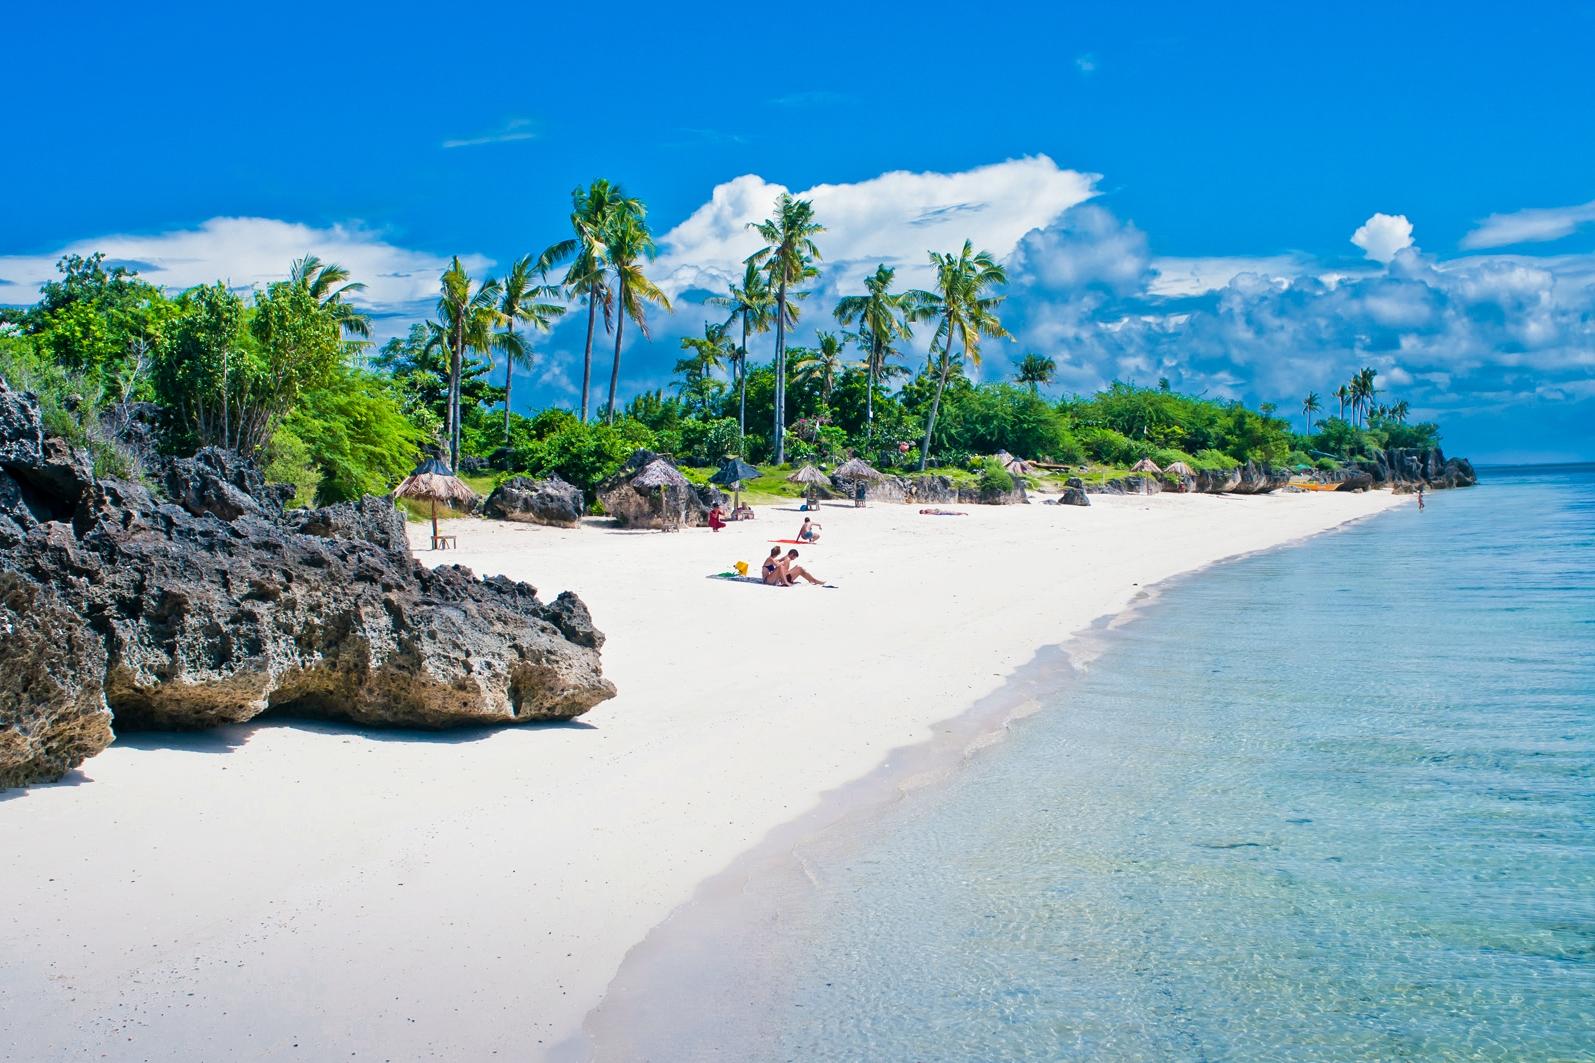 бочки себу бохол лучшие пляжи фото и отзывы настоящее время